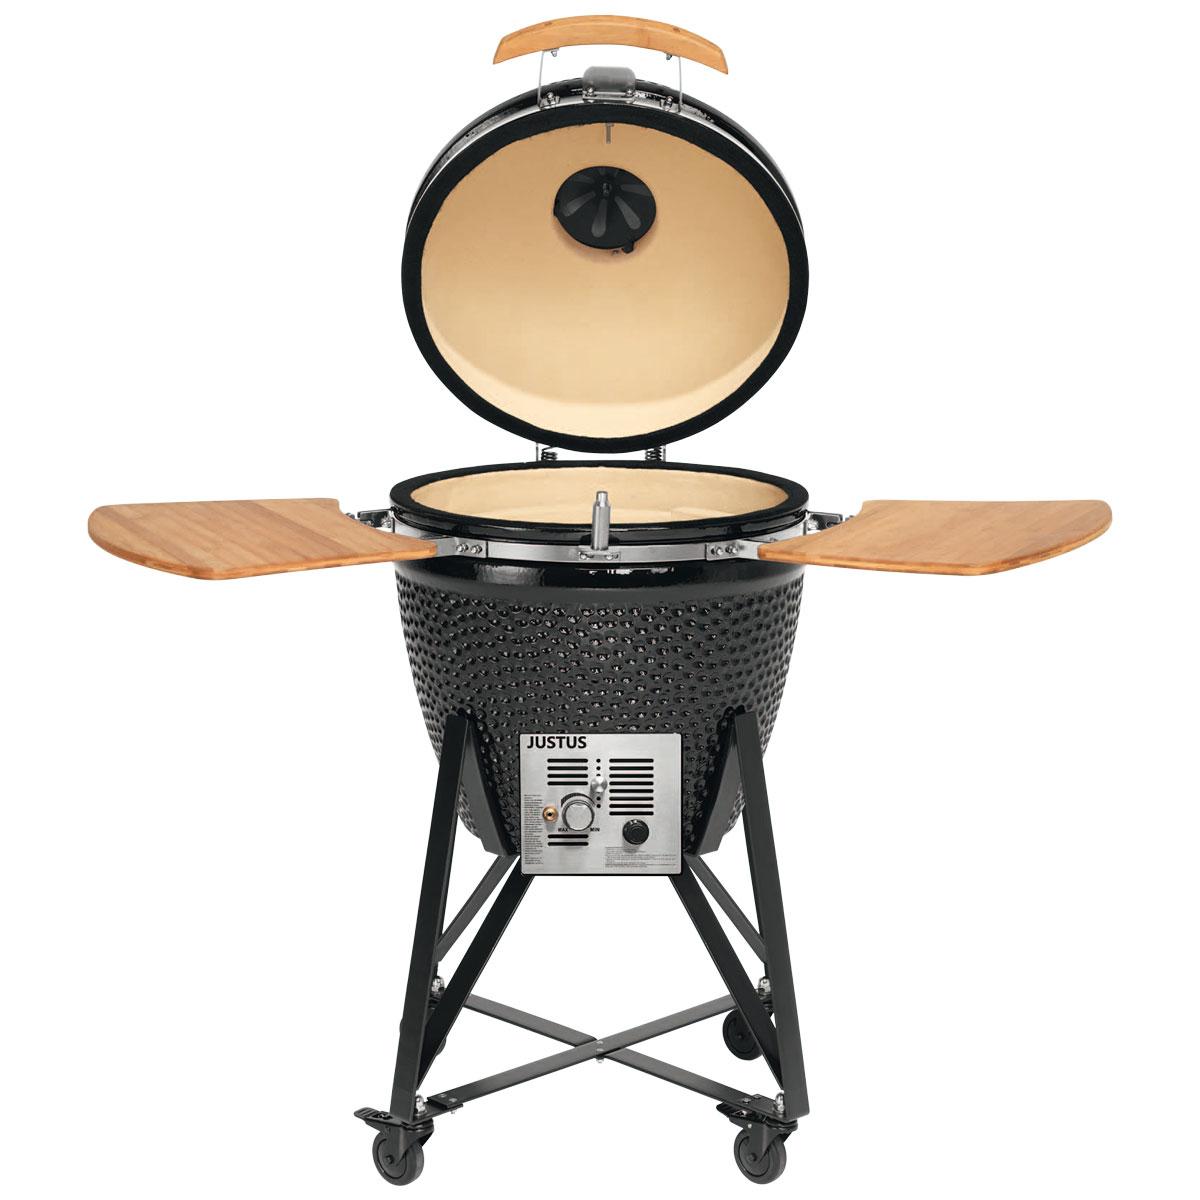 JUSTUS Abdeckhaube Black J/'Egg XL Zubehör für Grills Grill Haushaltsgeräte